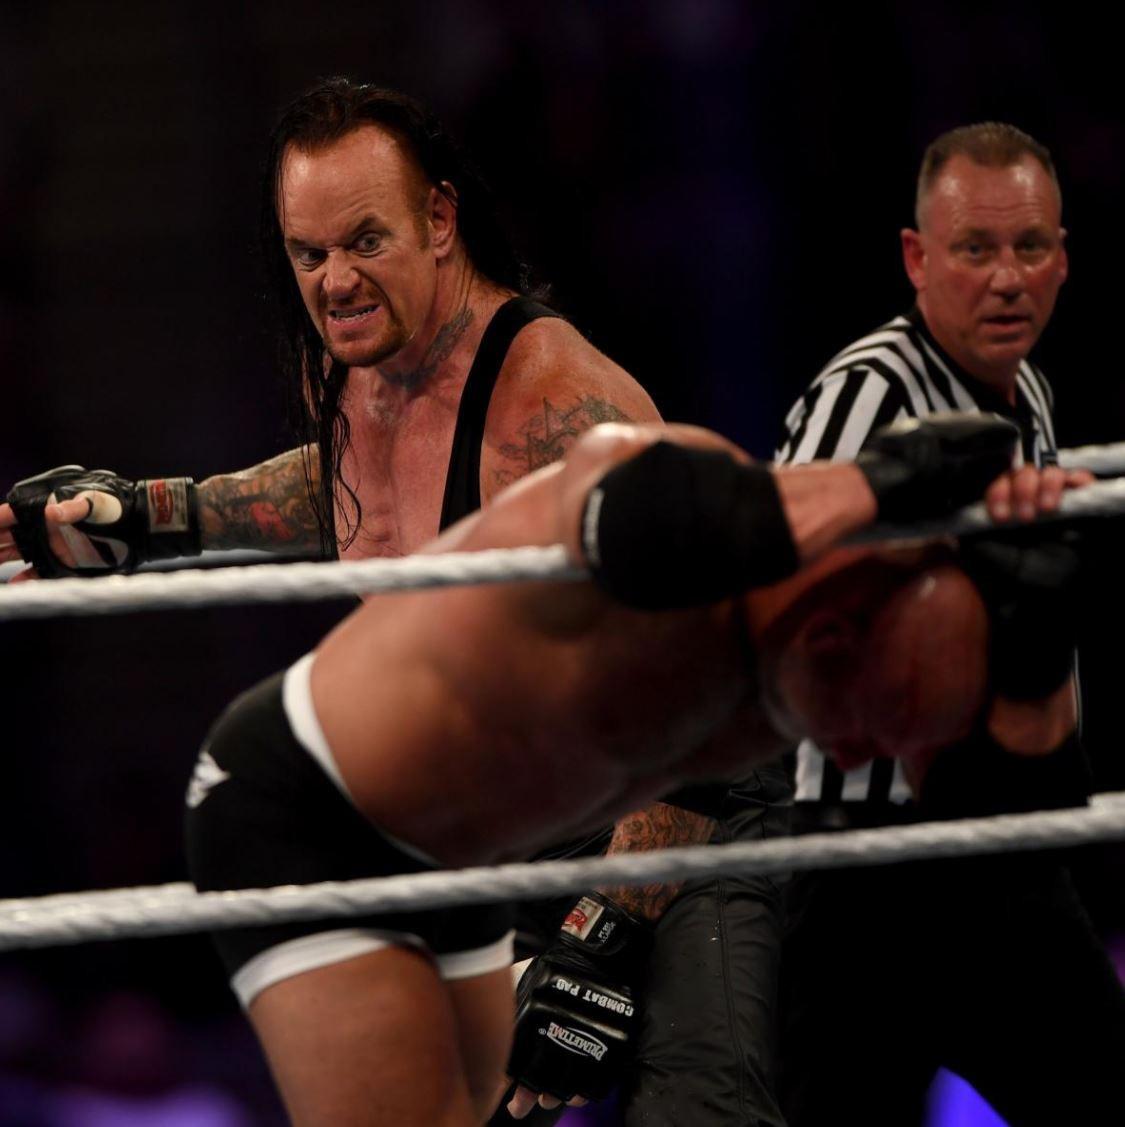 Goldberg vs. Undertaker at Super ShowDown